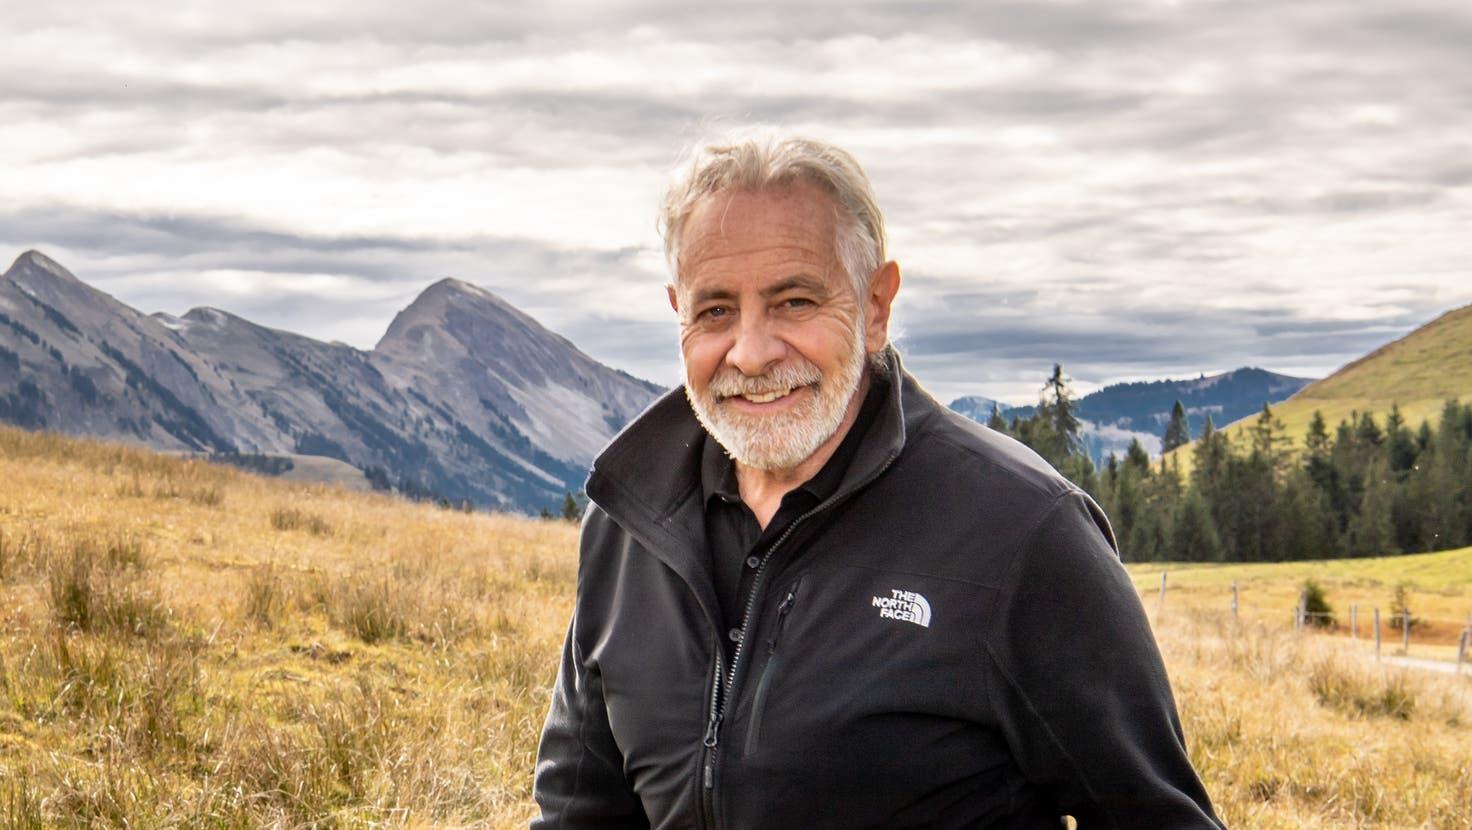 Erfahrener Fachmann mit Weitblick: Für seine Verdienste um den Entlebucher Tourismus wurde Theo Schnider – hier auf der Alp Silwängen am Fusse der Schrattenfluh – 2019 mit dem Tourismus Award ausgezeichnet. (Bild: Nadia Schärli (Flühli, 19. Oktober 2021))